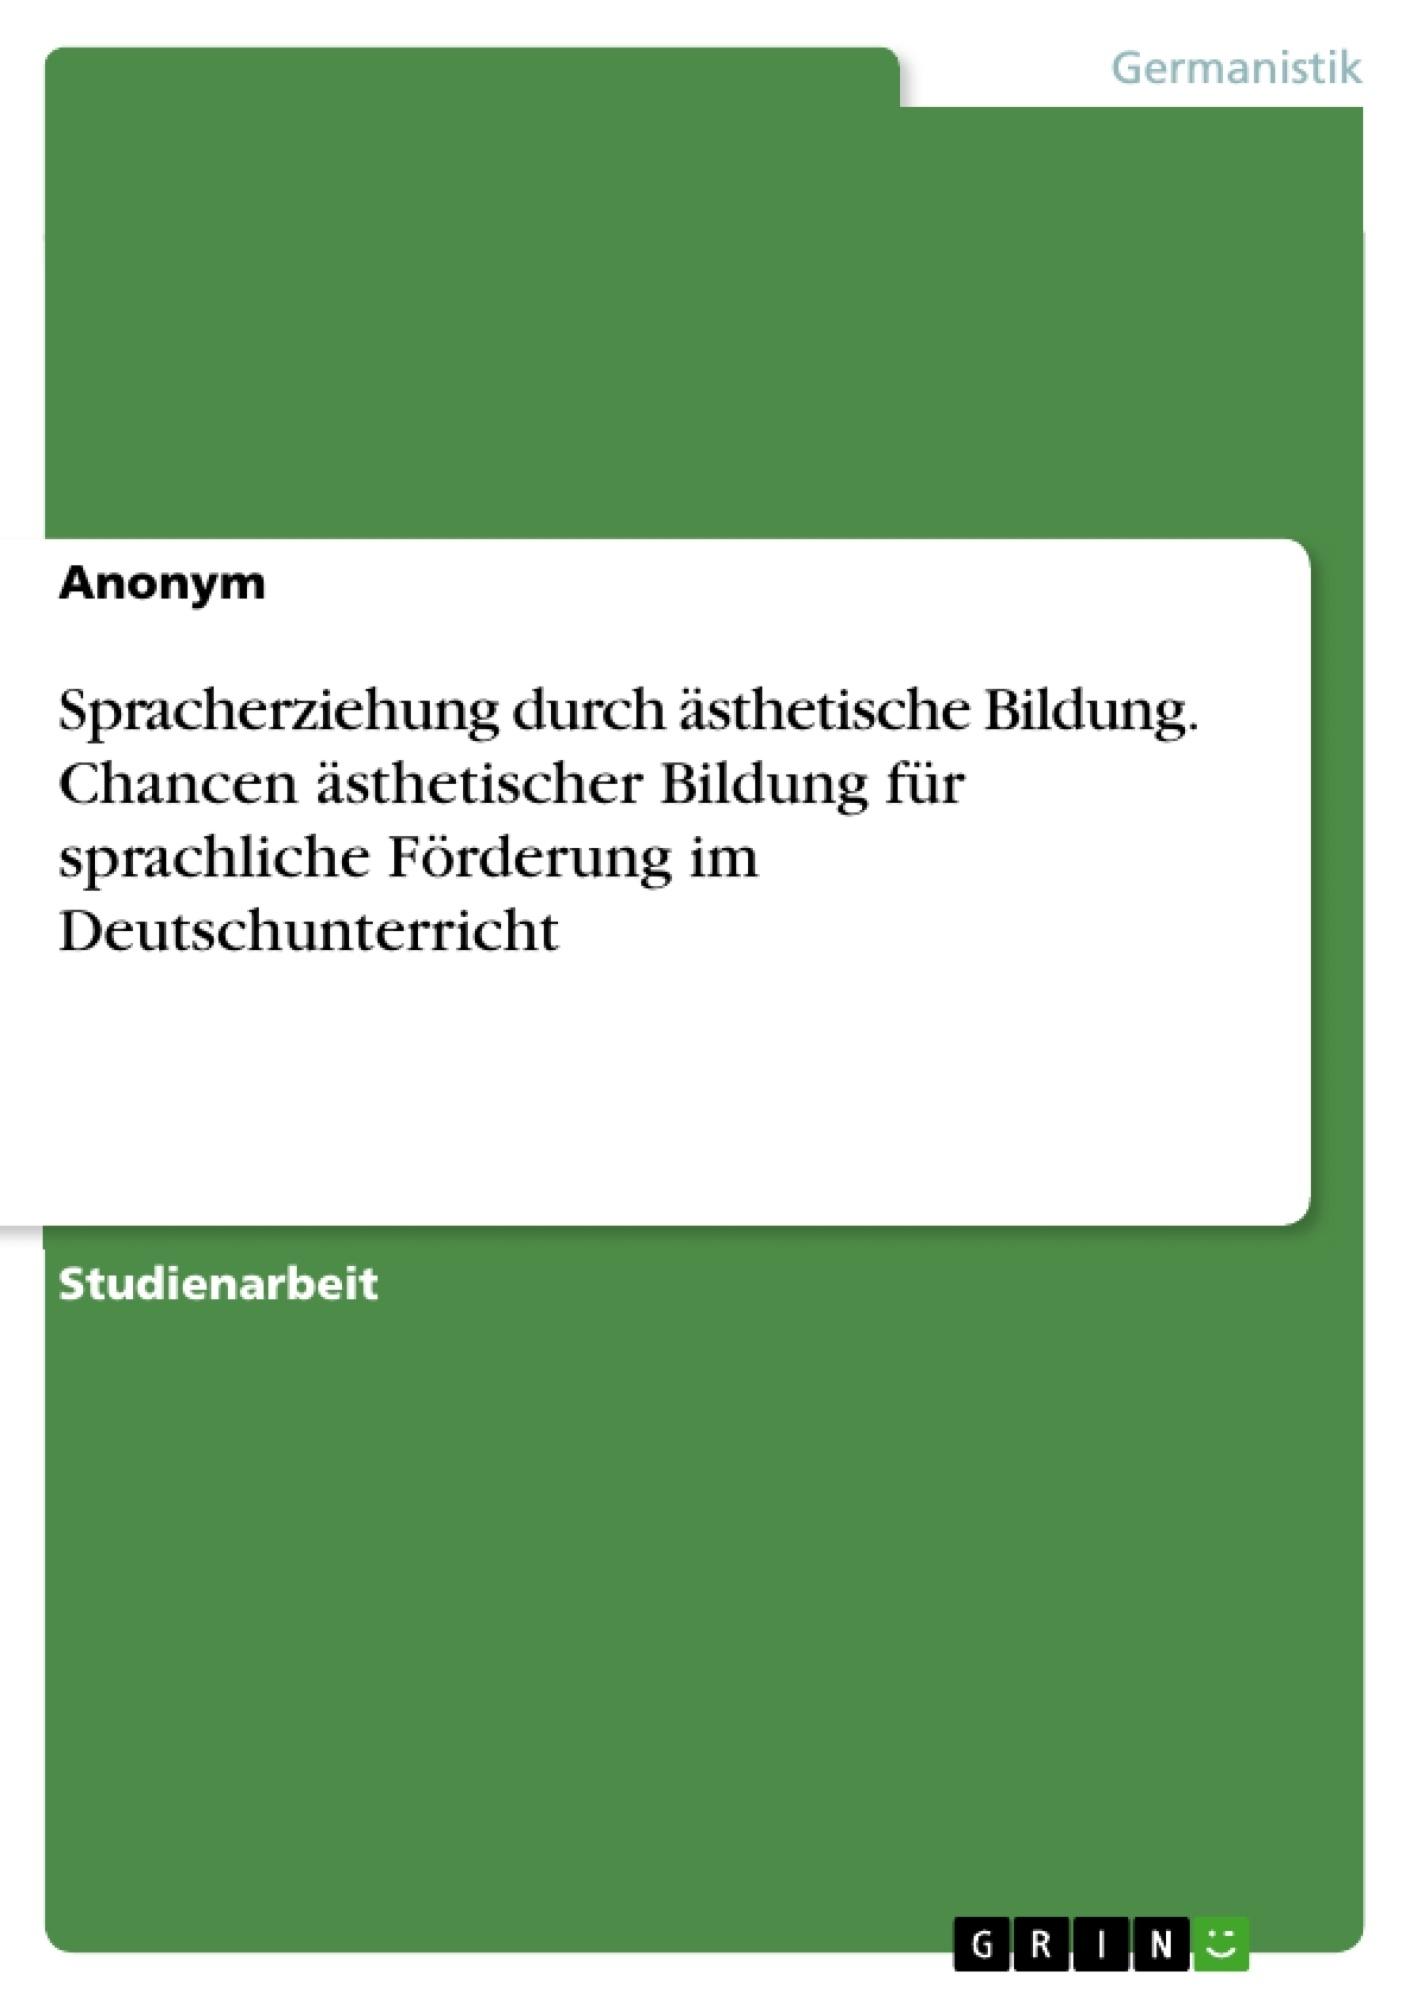 Titel: Spracherziehung durch ästhetische Bildung. Chancen ästhetischer Bildung für sprachliche Förderung im Deutschunterricht